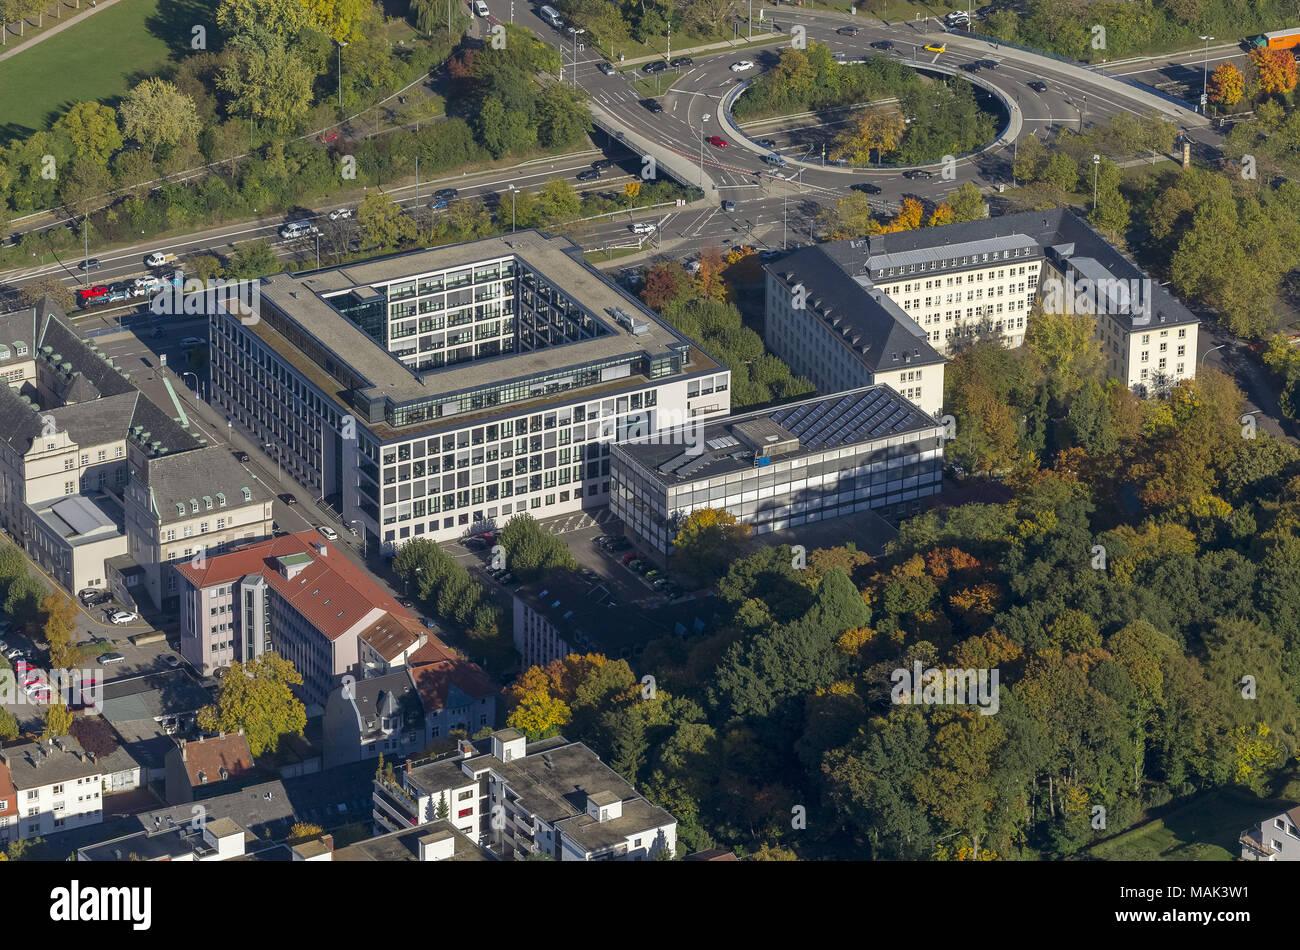 Luftbild, Ministerium für Wirtschaft, Arbeit, Energie und Verkehr, Oberlandesgericht Saarbrücken, OLG Saarbrücken, Saarbrücken, Saarland, Deutschland, - Stock Image